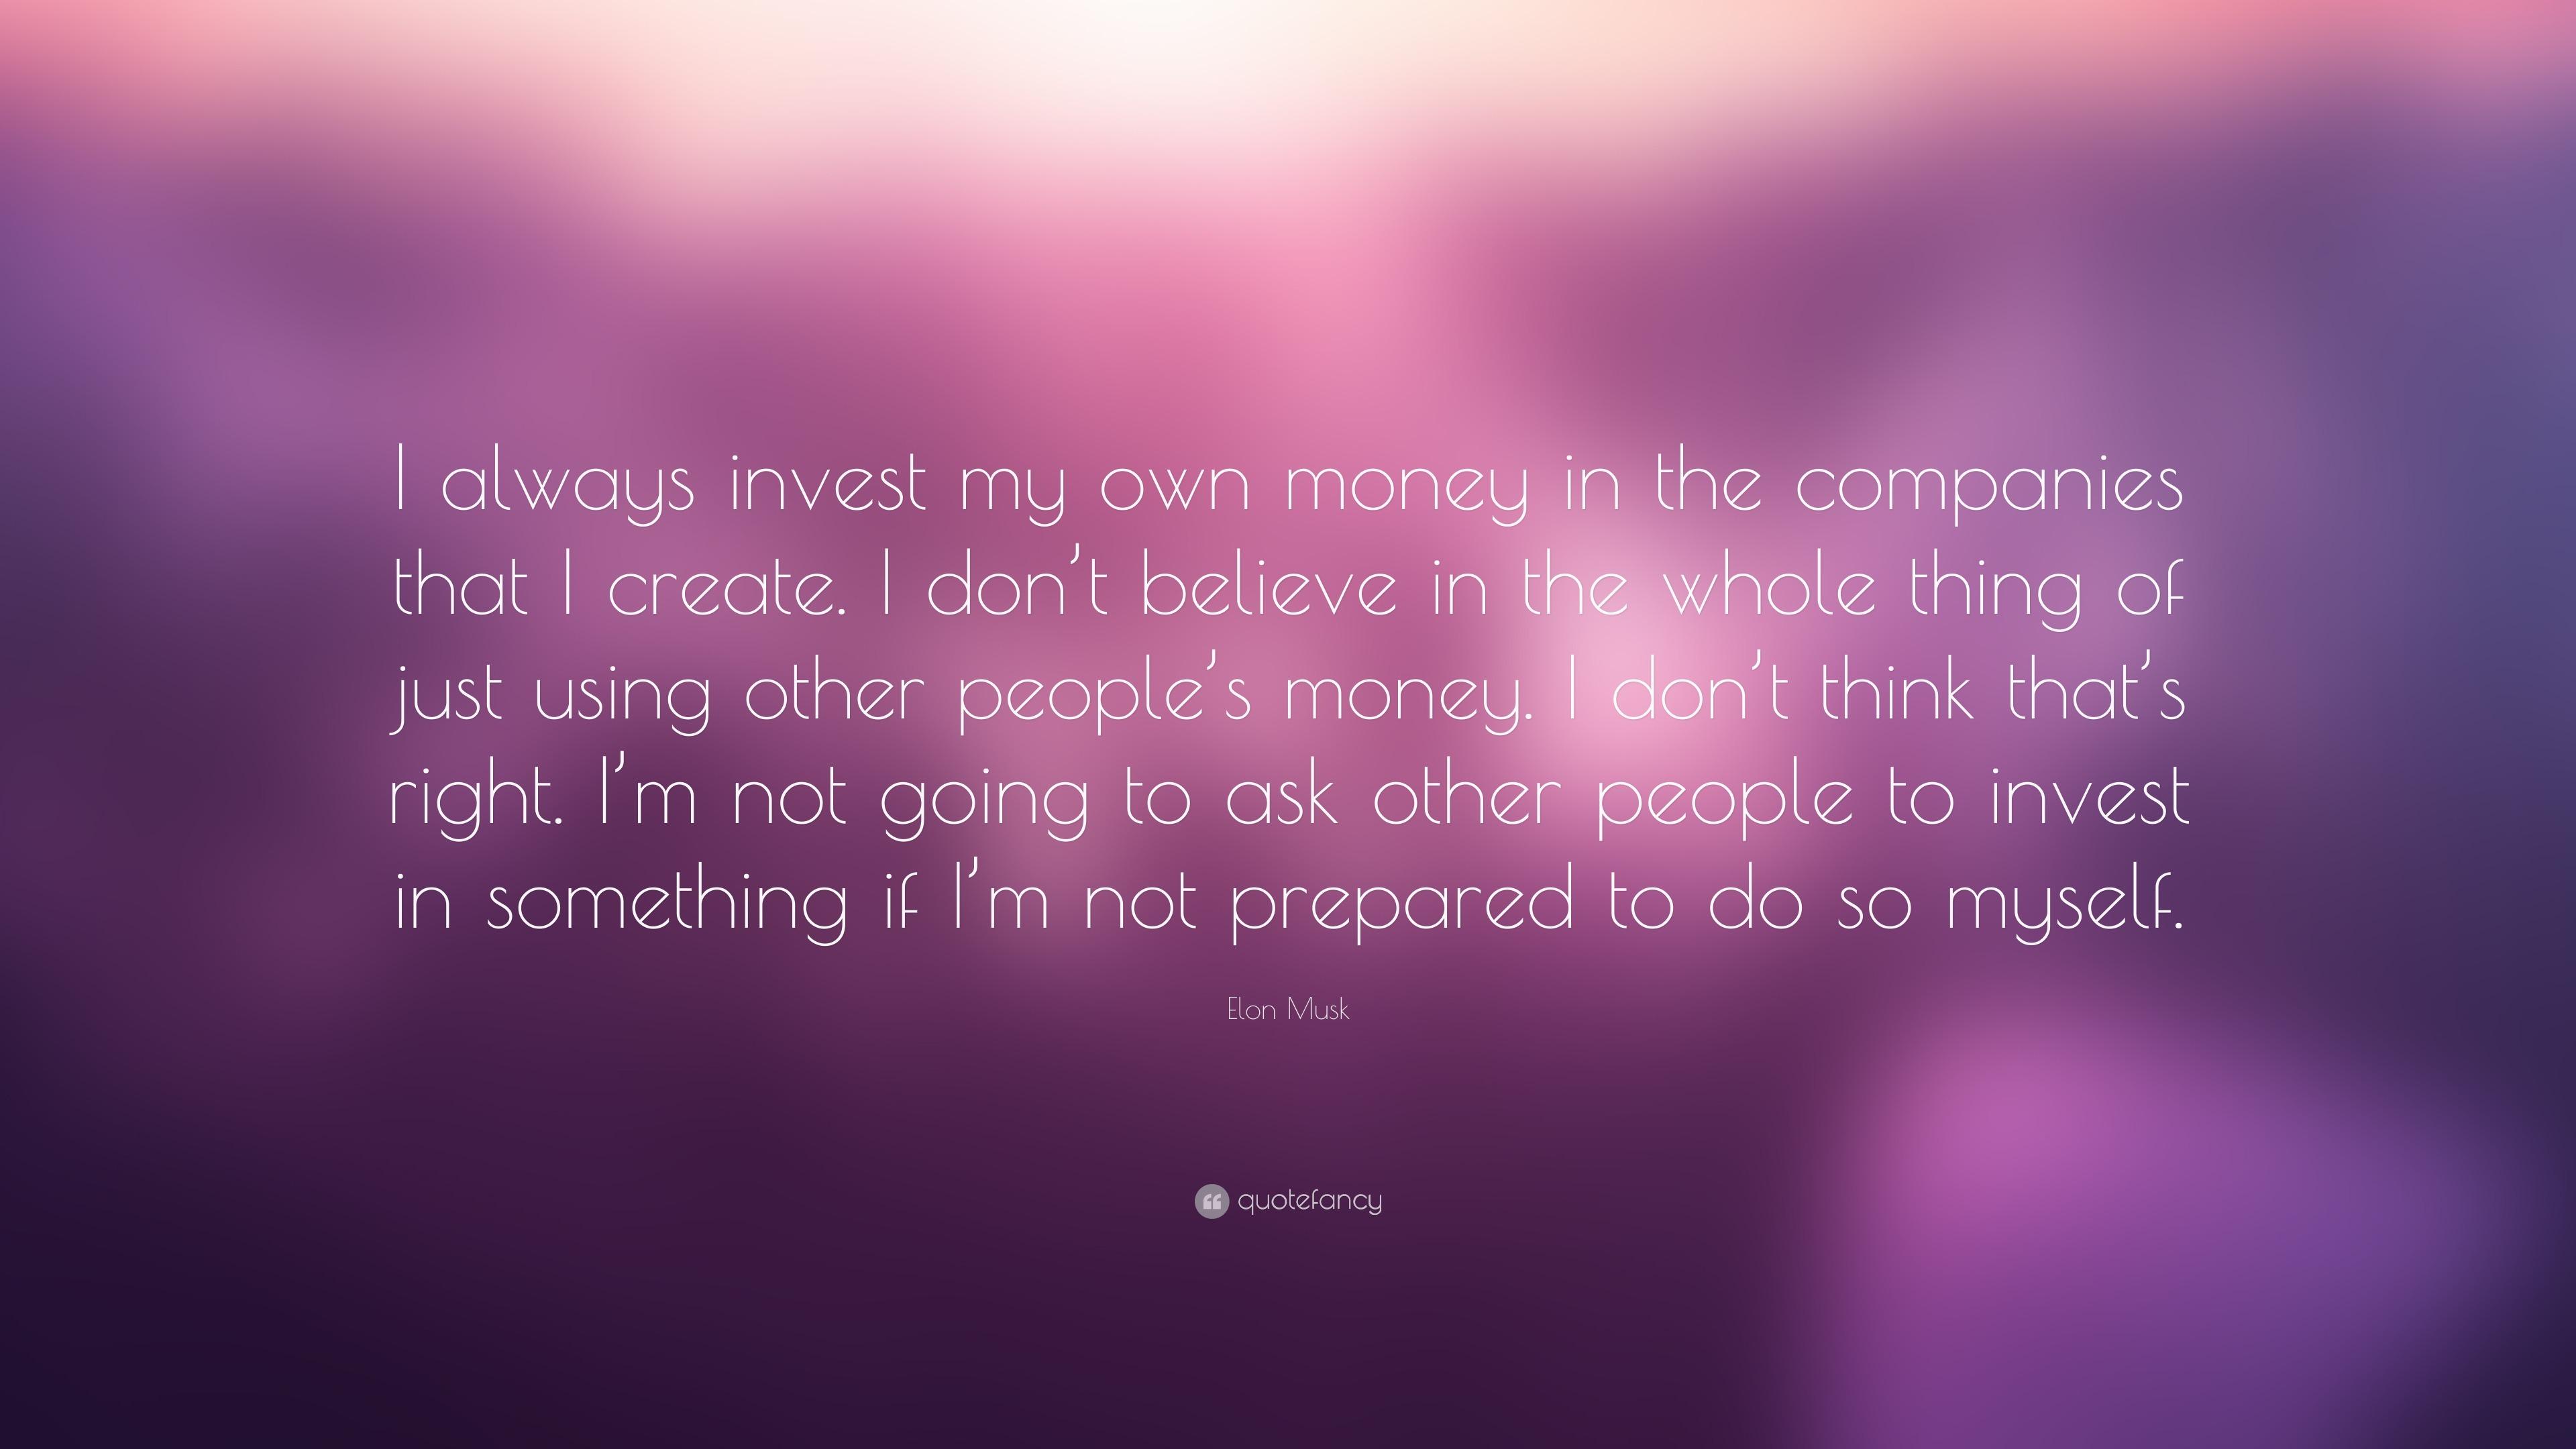 my own money